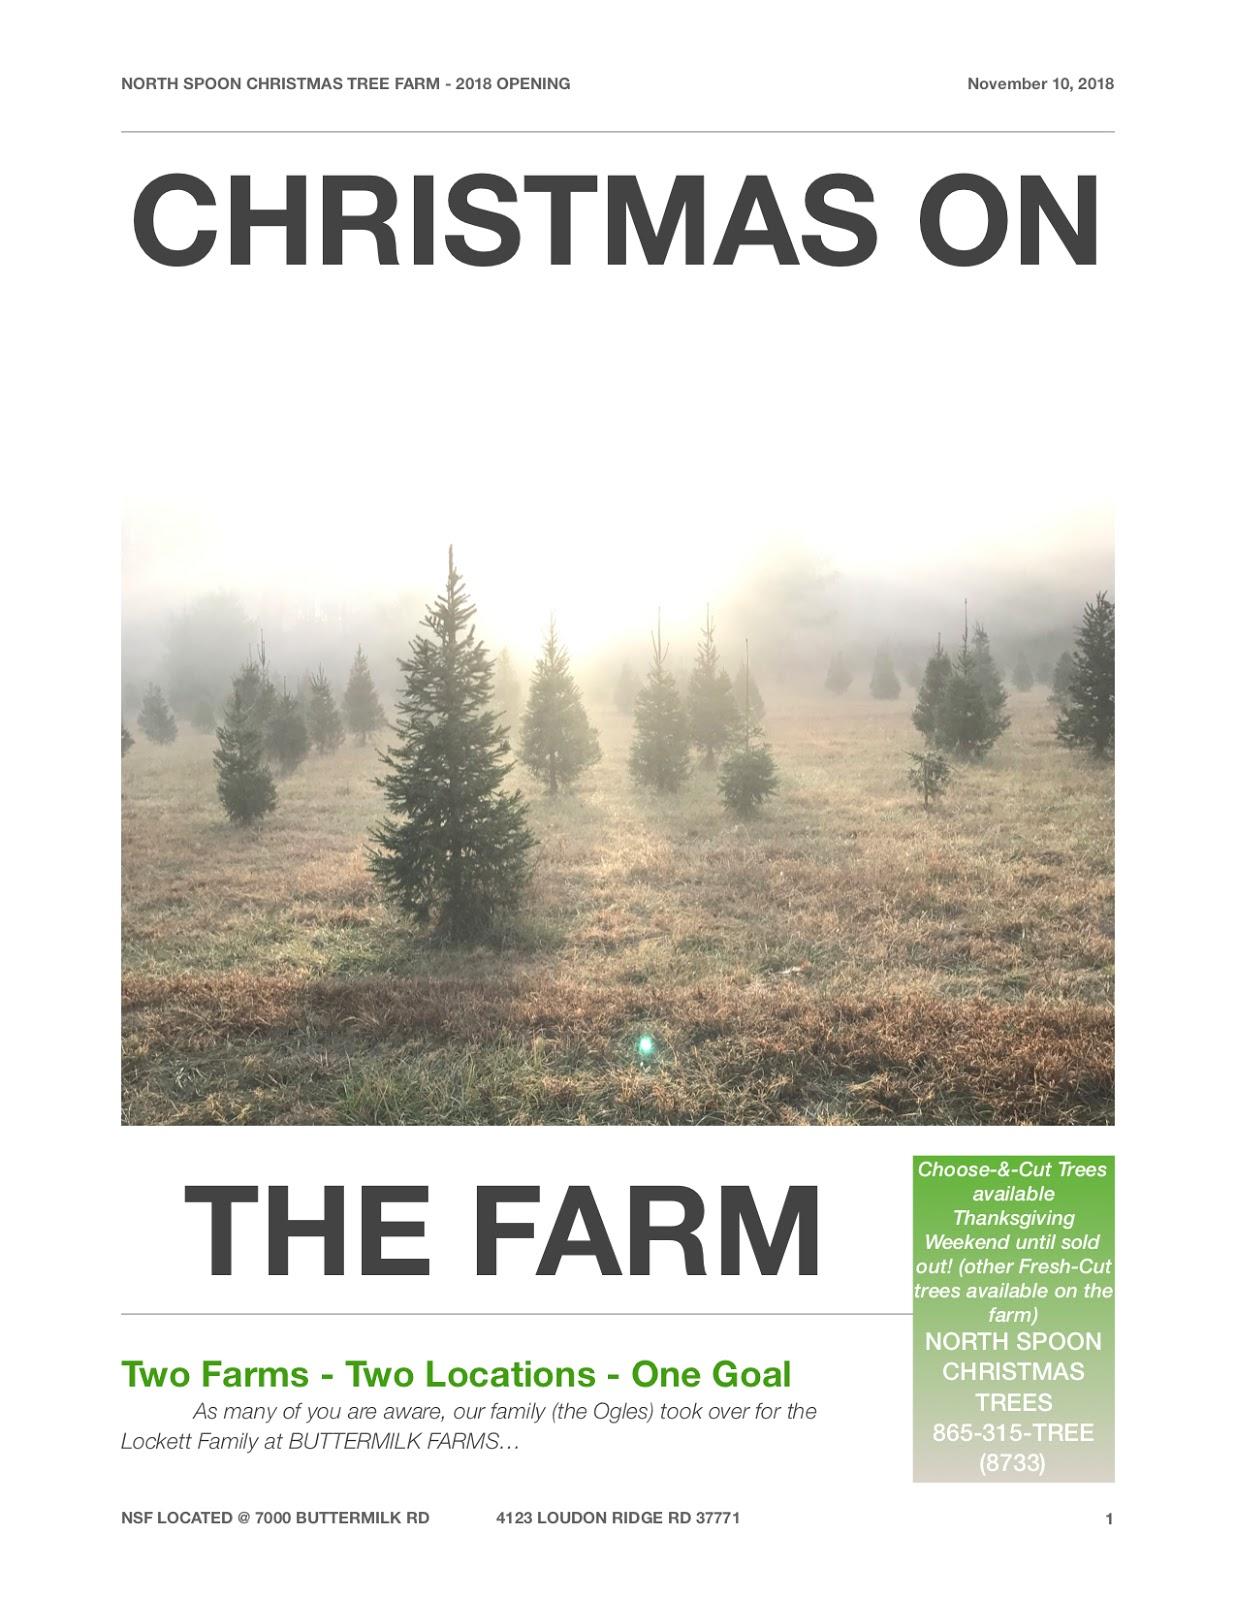 The North Spoon - Christmas Tree Farm